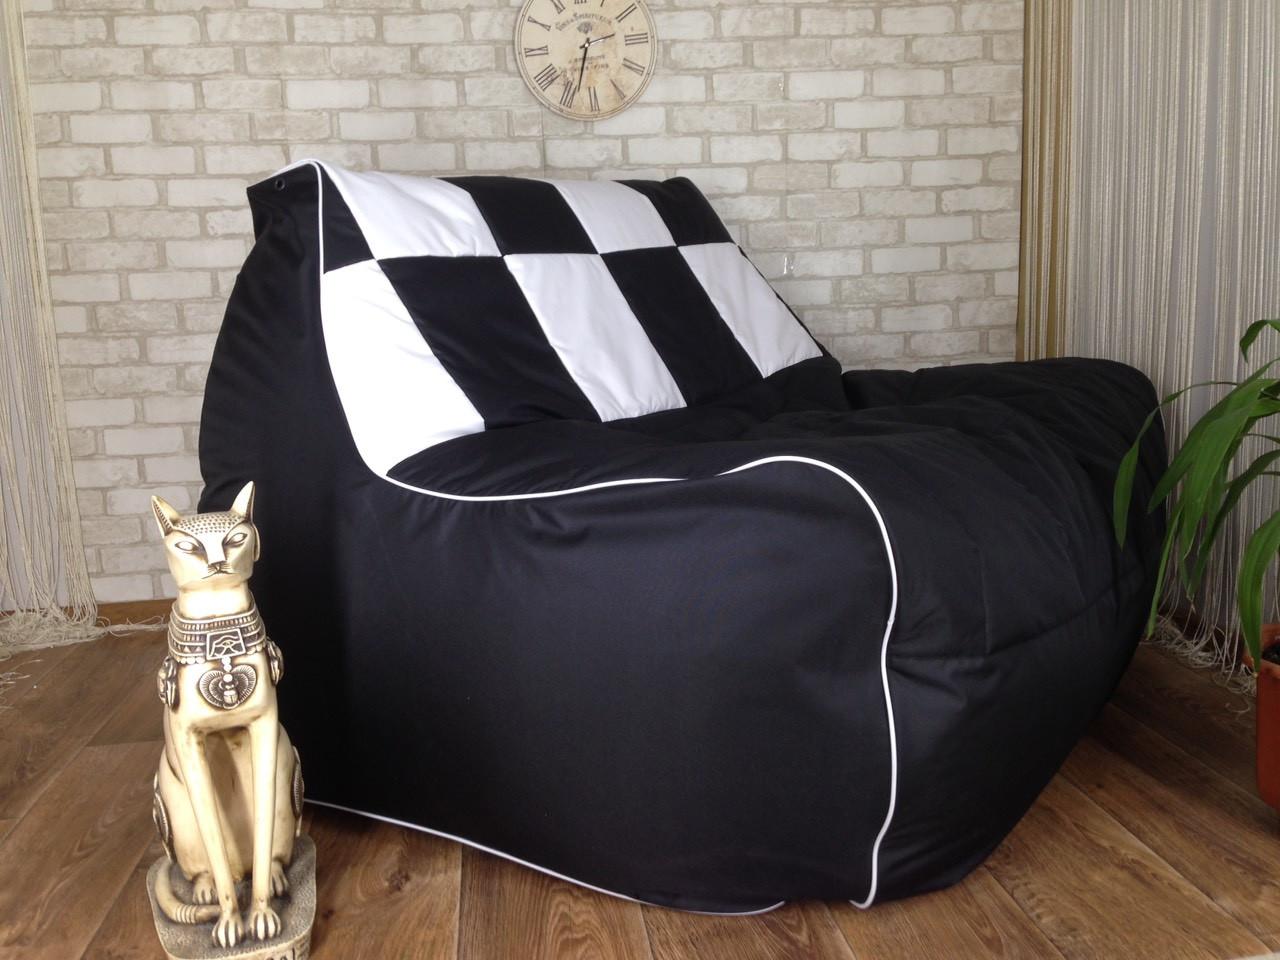 Бескаркасный диван  Люкс  кресло мешок ( Груша) мягкая мебель для детей  мягкий пуф Бесплатная доставка!